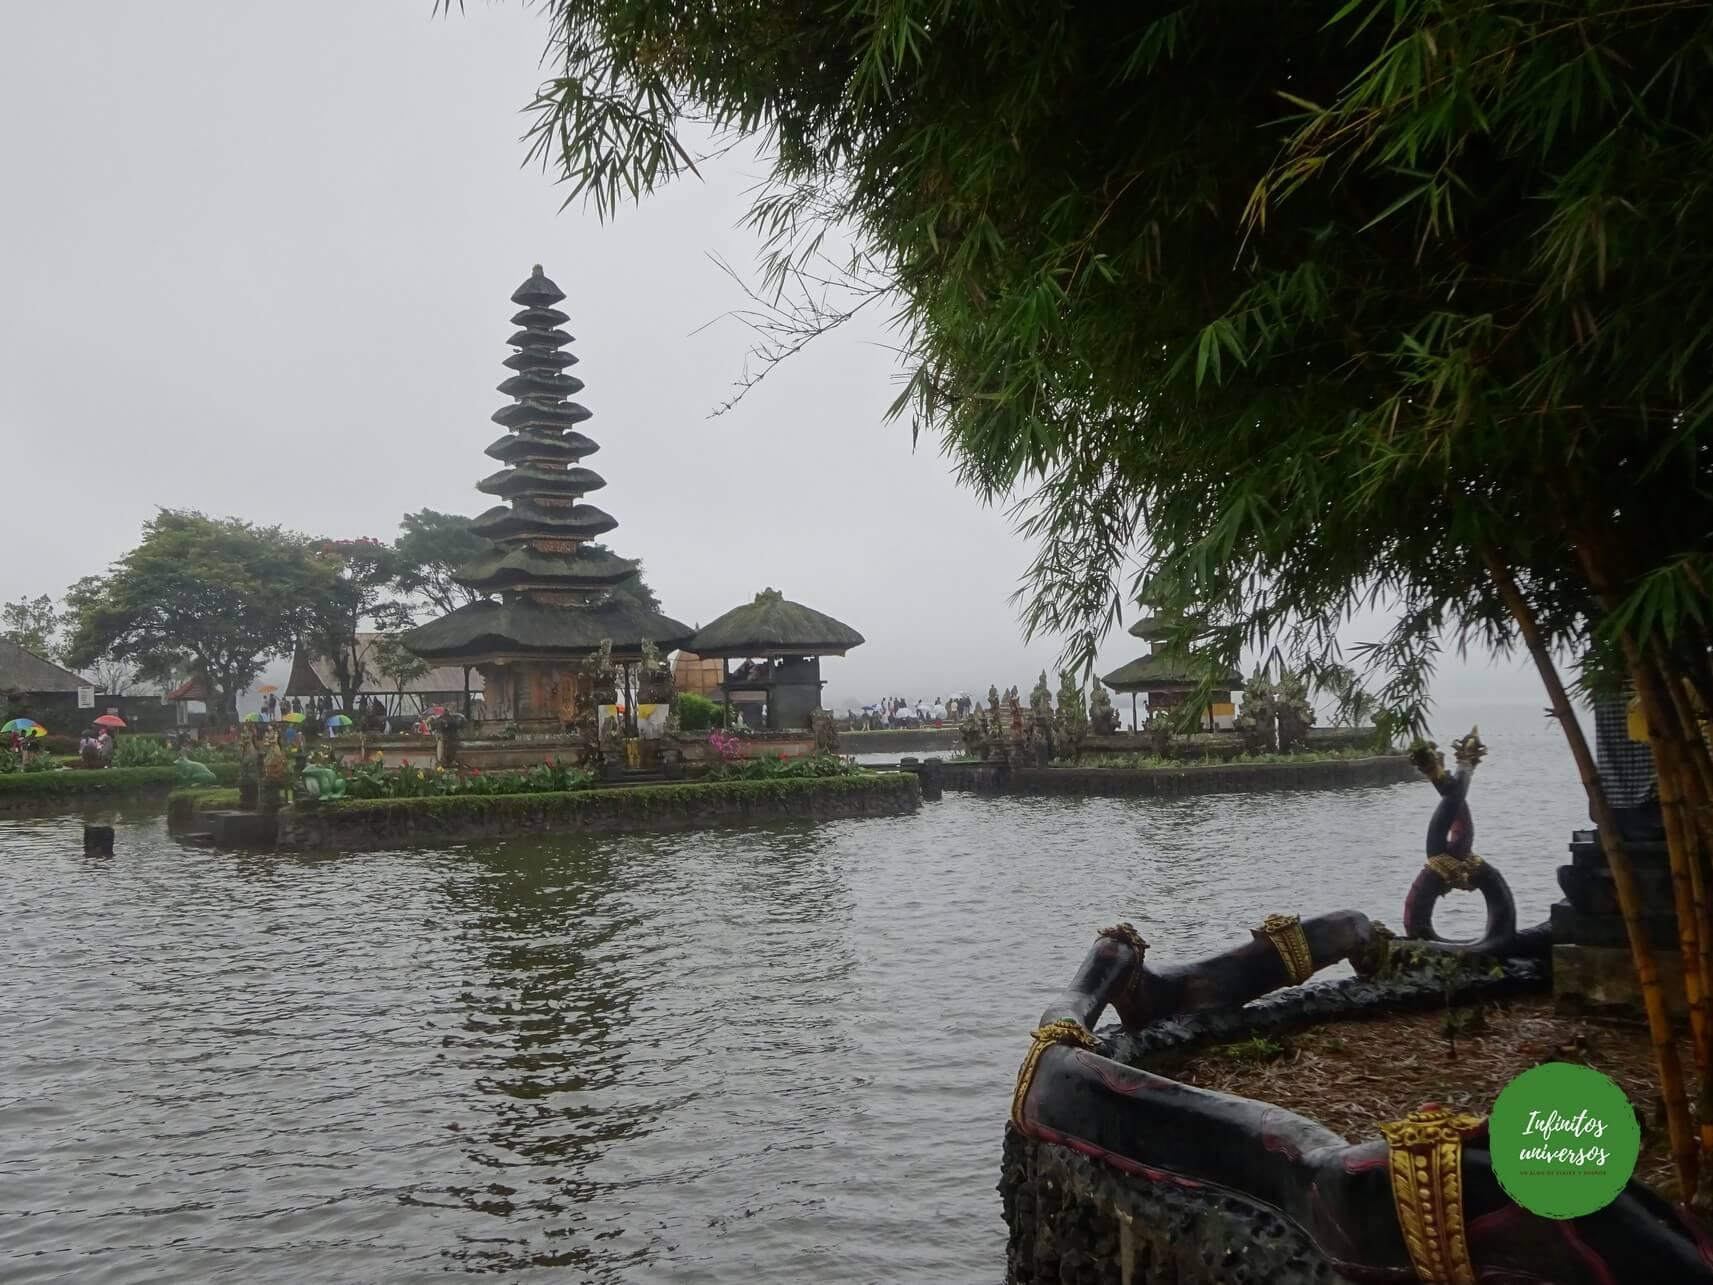 Pura Ulun Danu Bratan - Qué ver en Bali (Indonesia)